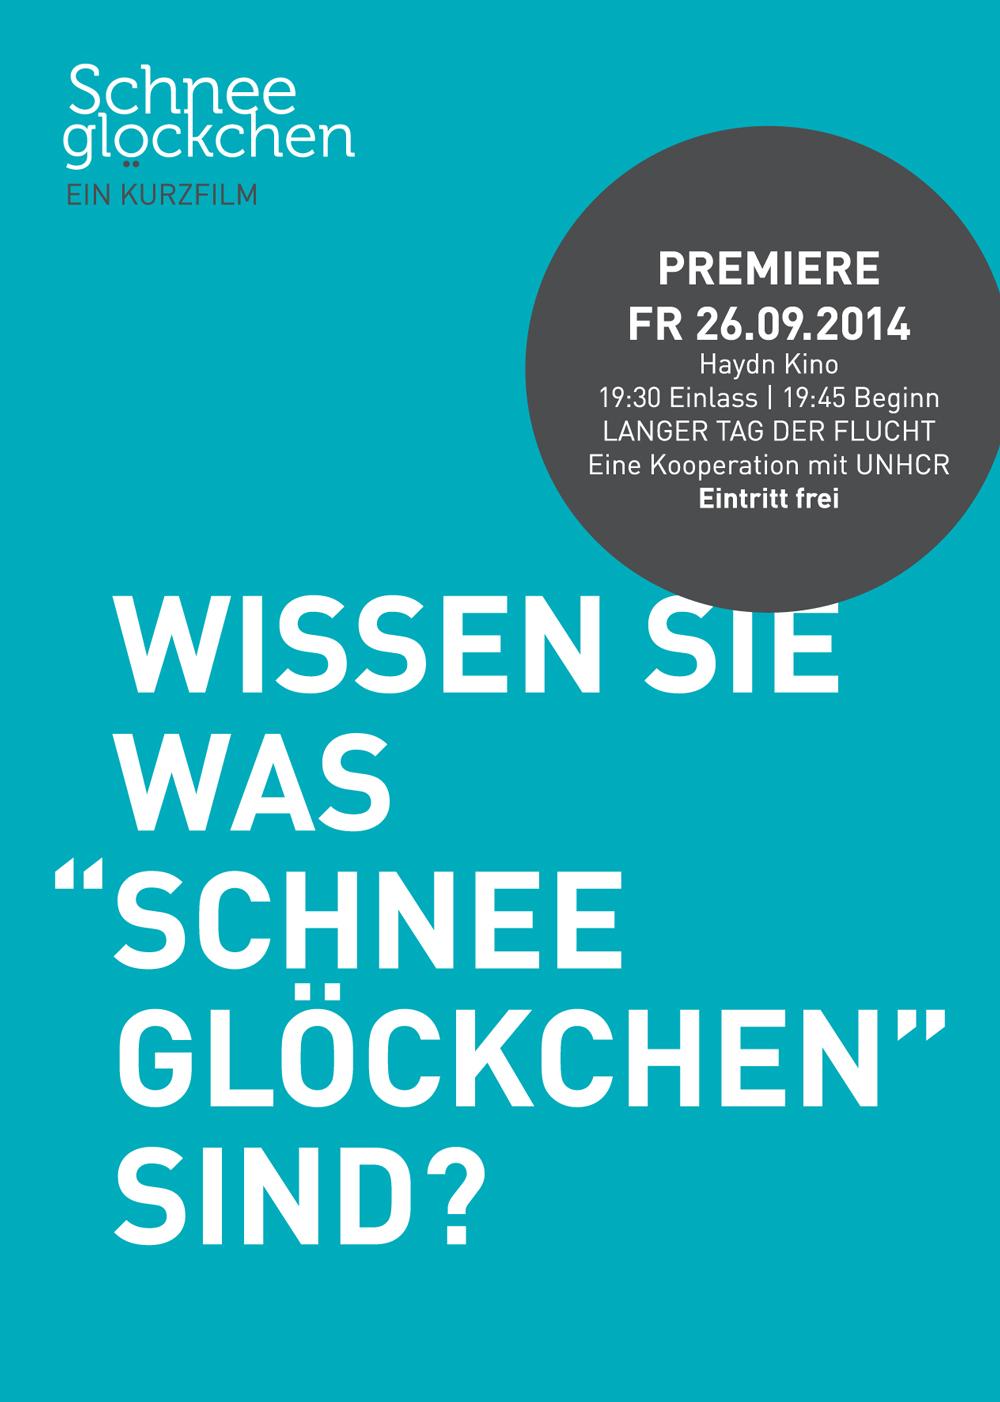 Flyer_Premiere_web.jpg